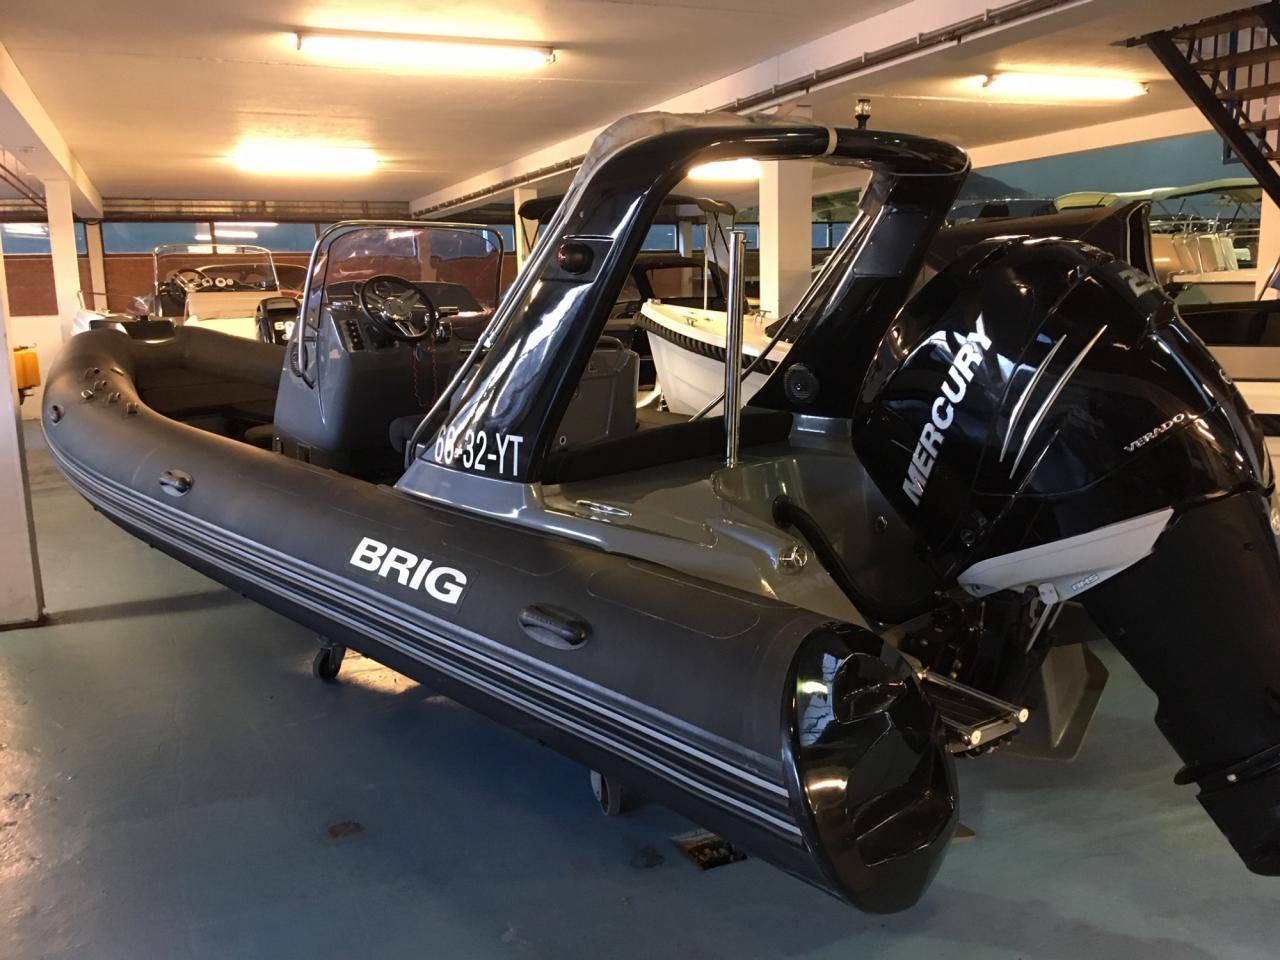 Brig eagle 650 met Mercury Verado 250 pk! 12